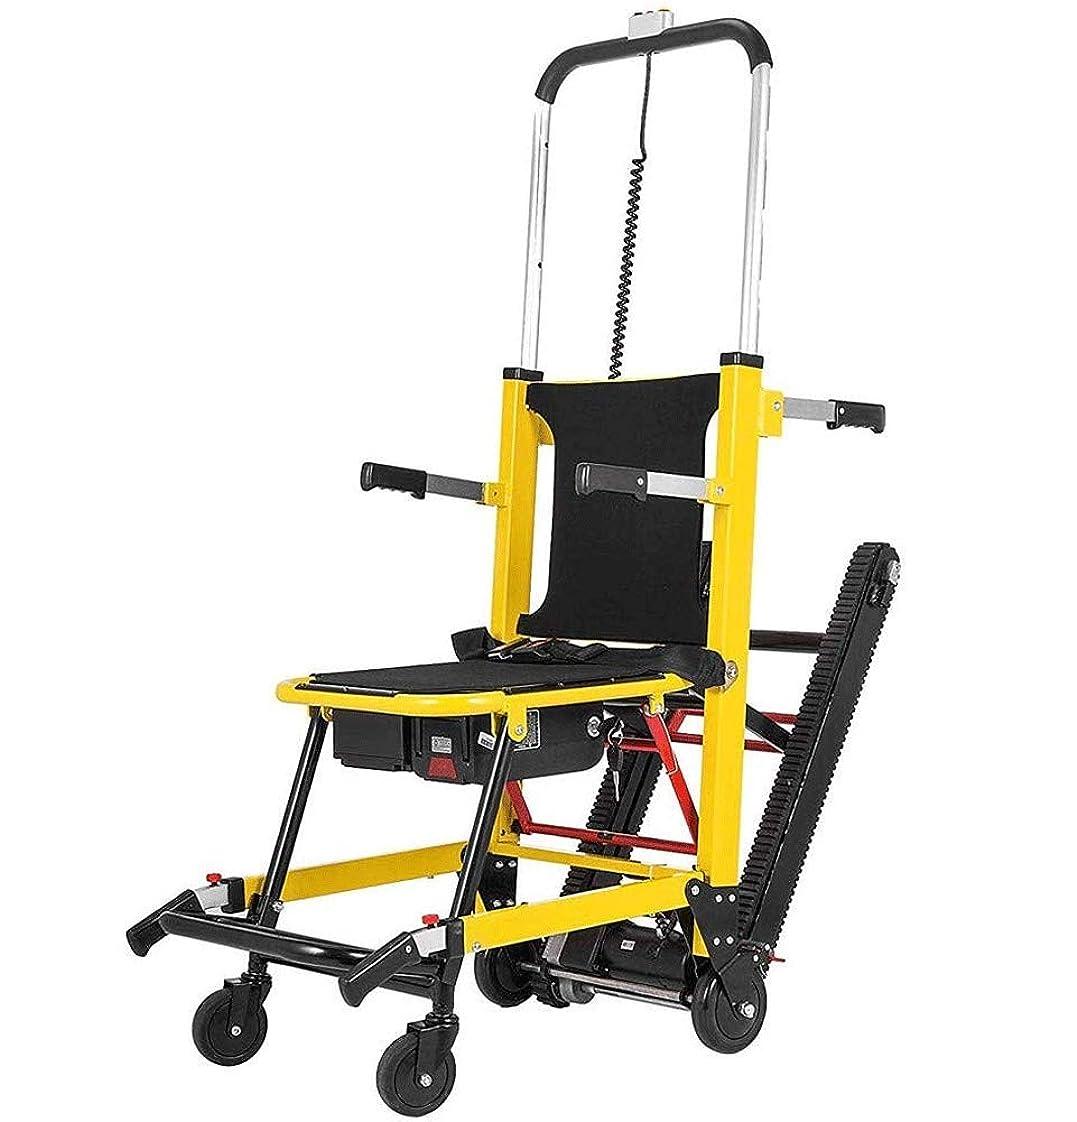 だらしない判決ルビーEMS階段議長は、電動階段登る車椅子クローラ折り畳み式のバッテリ駆動階段避難議長は、モビリティエイドは-できるデバイスストレッチャーを持ち上げても